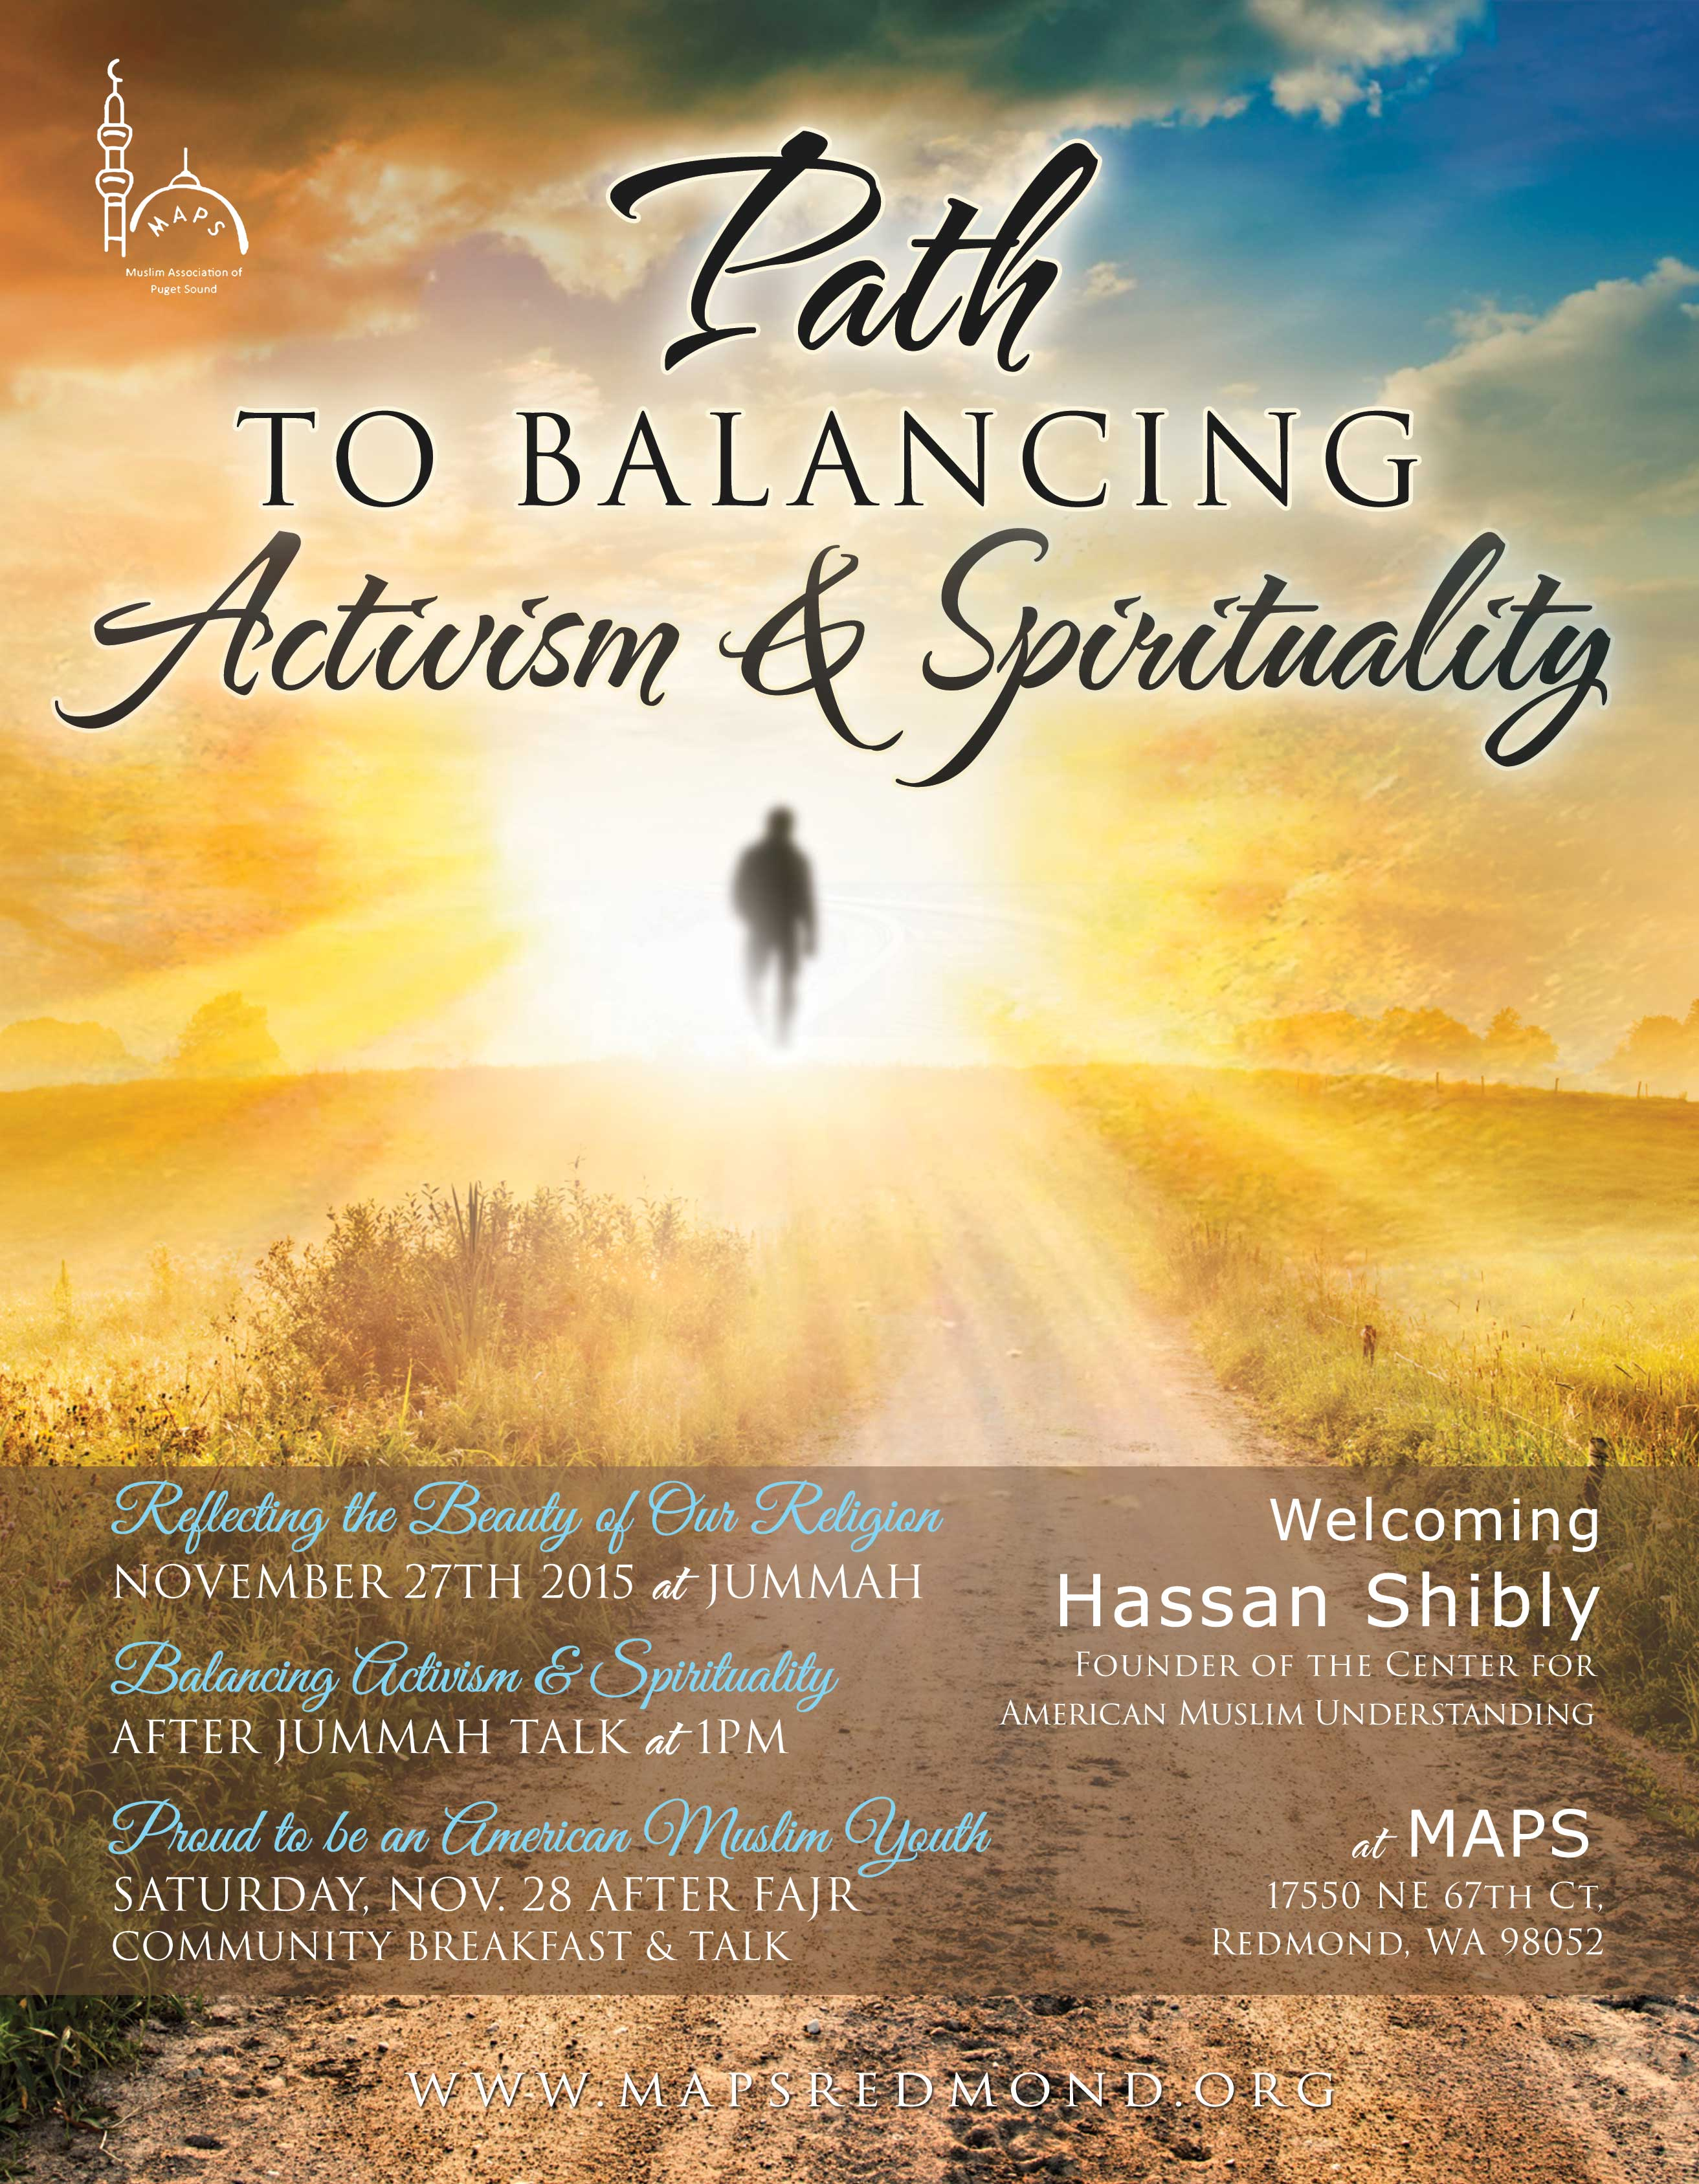 19 Nov Path To Balancing Activism And Spirituality